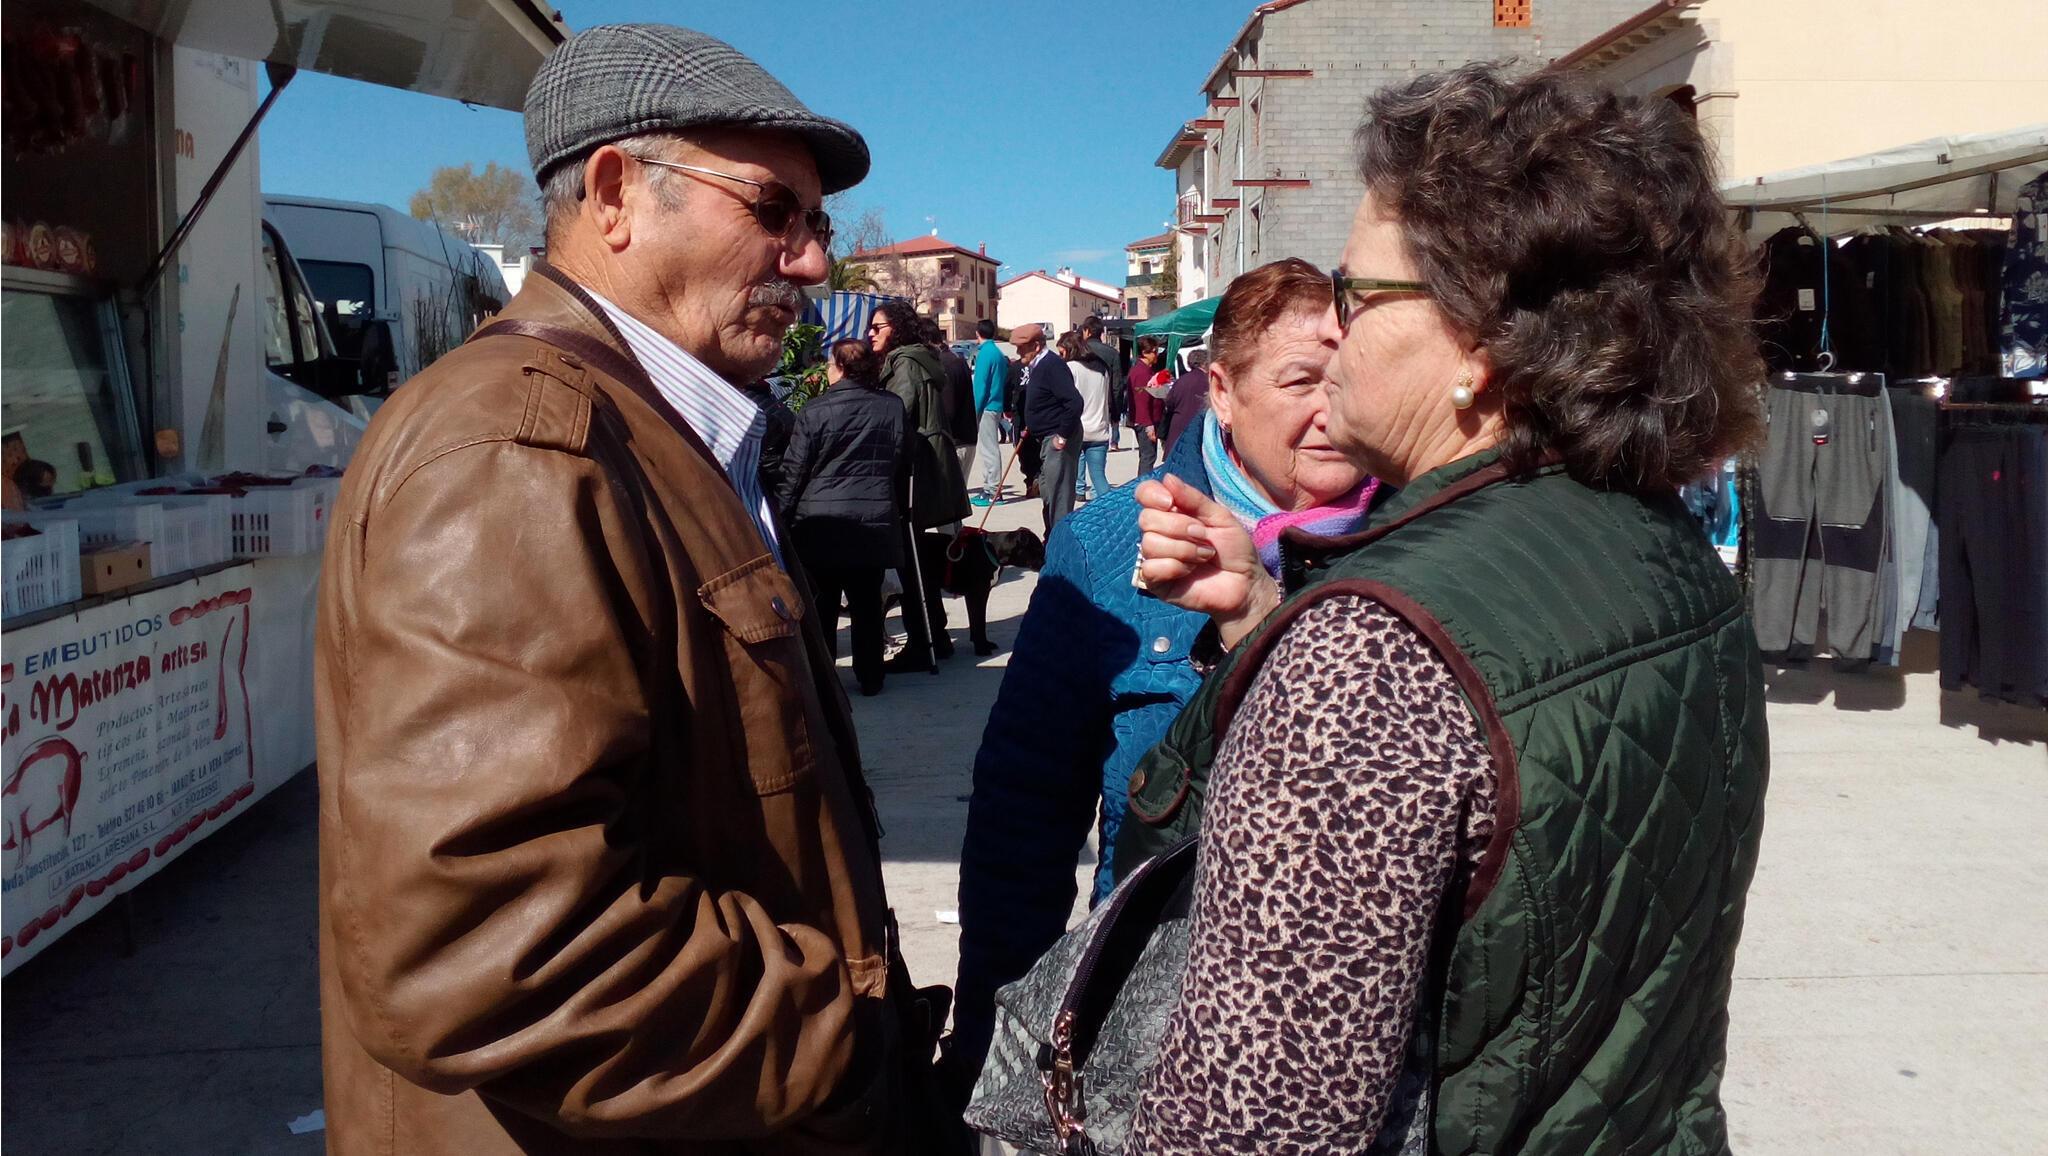 Des retraités sur le marché de Vallecas, dans la banlieue sud de Madrid. Leur pension sera désormais indexée sur la croissance économique et non plus sur l'inflation.